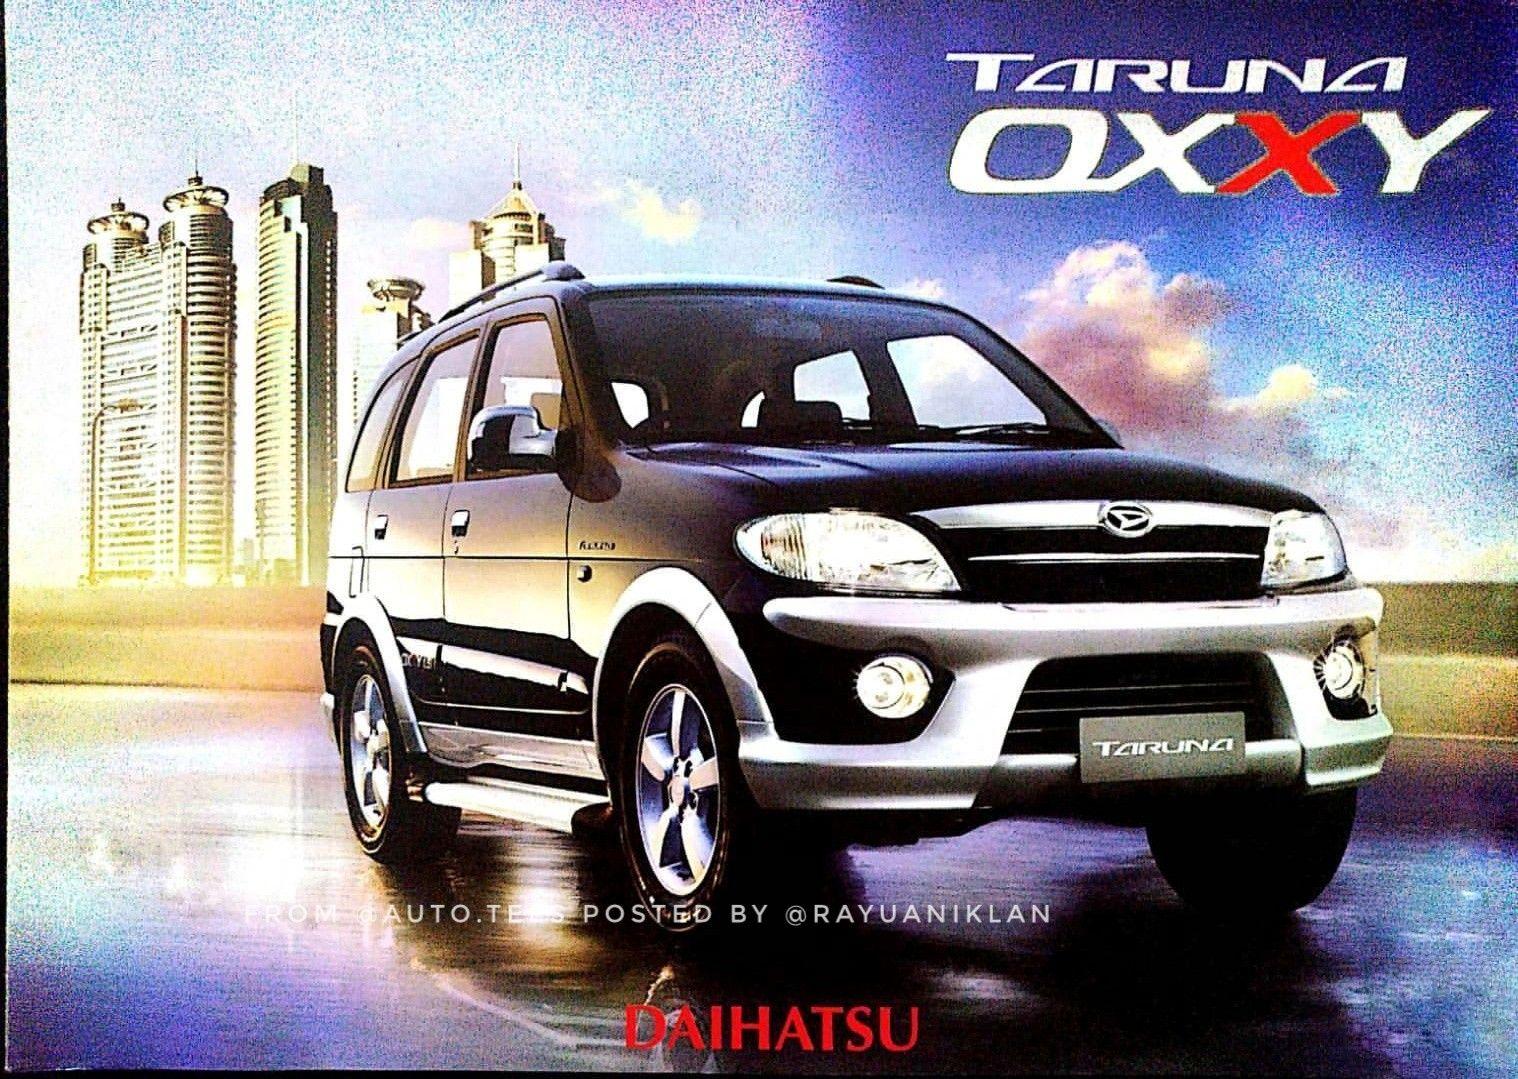 Daihatsu Taruna Oxxy